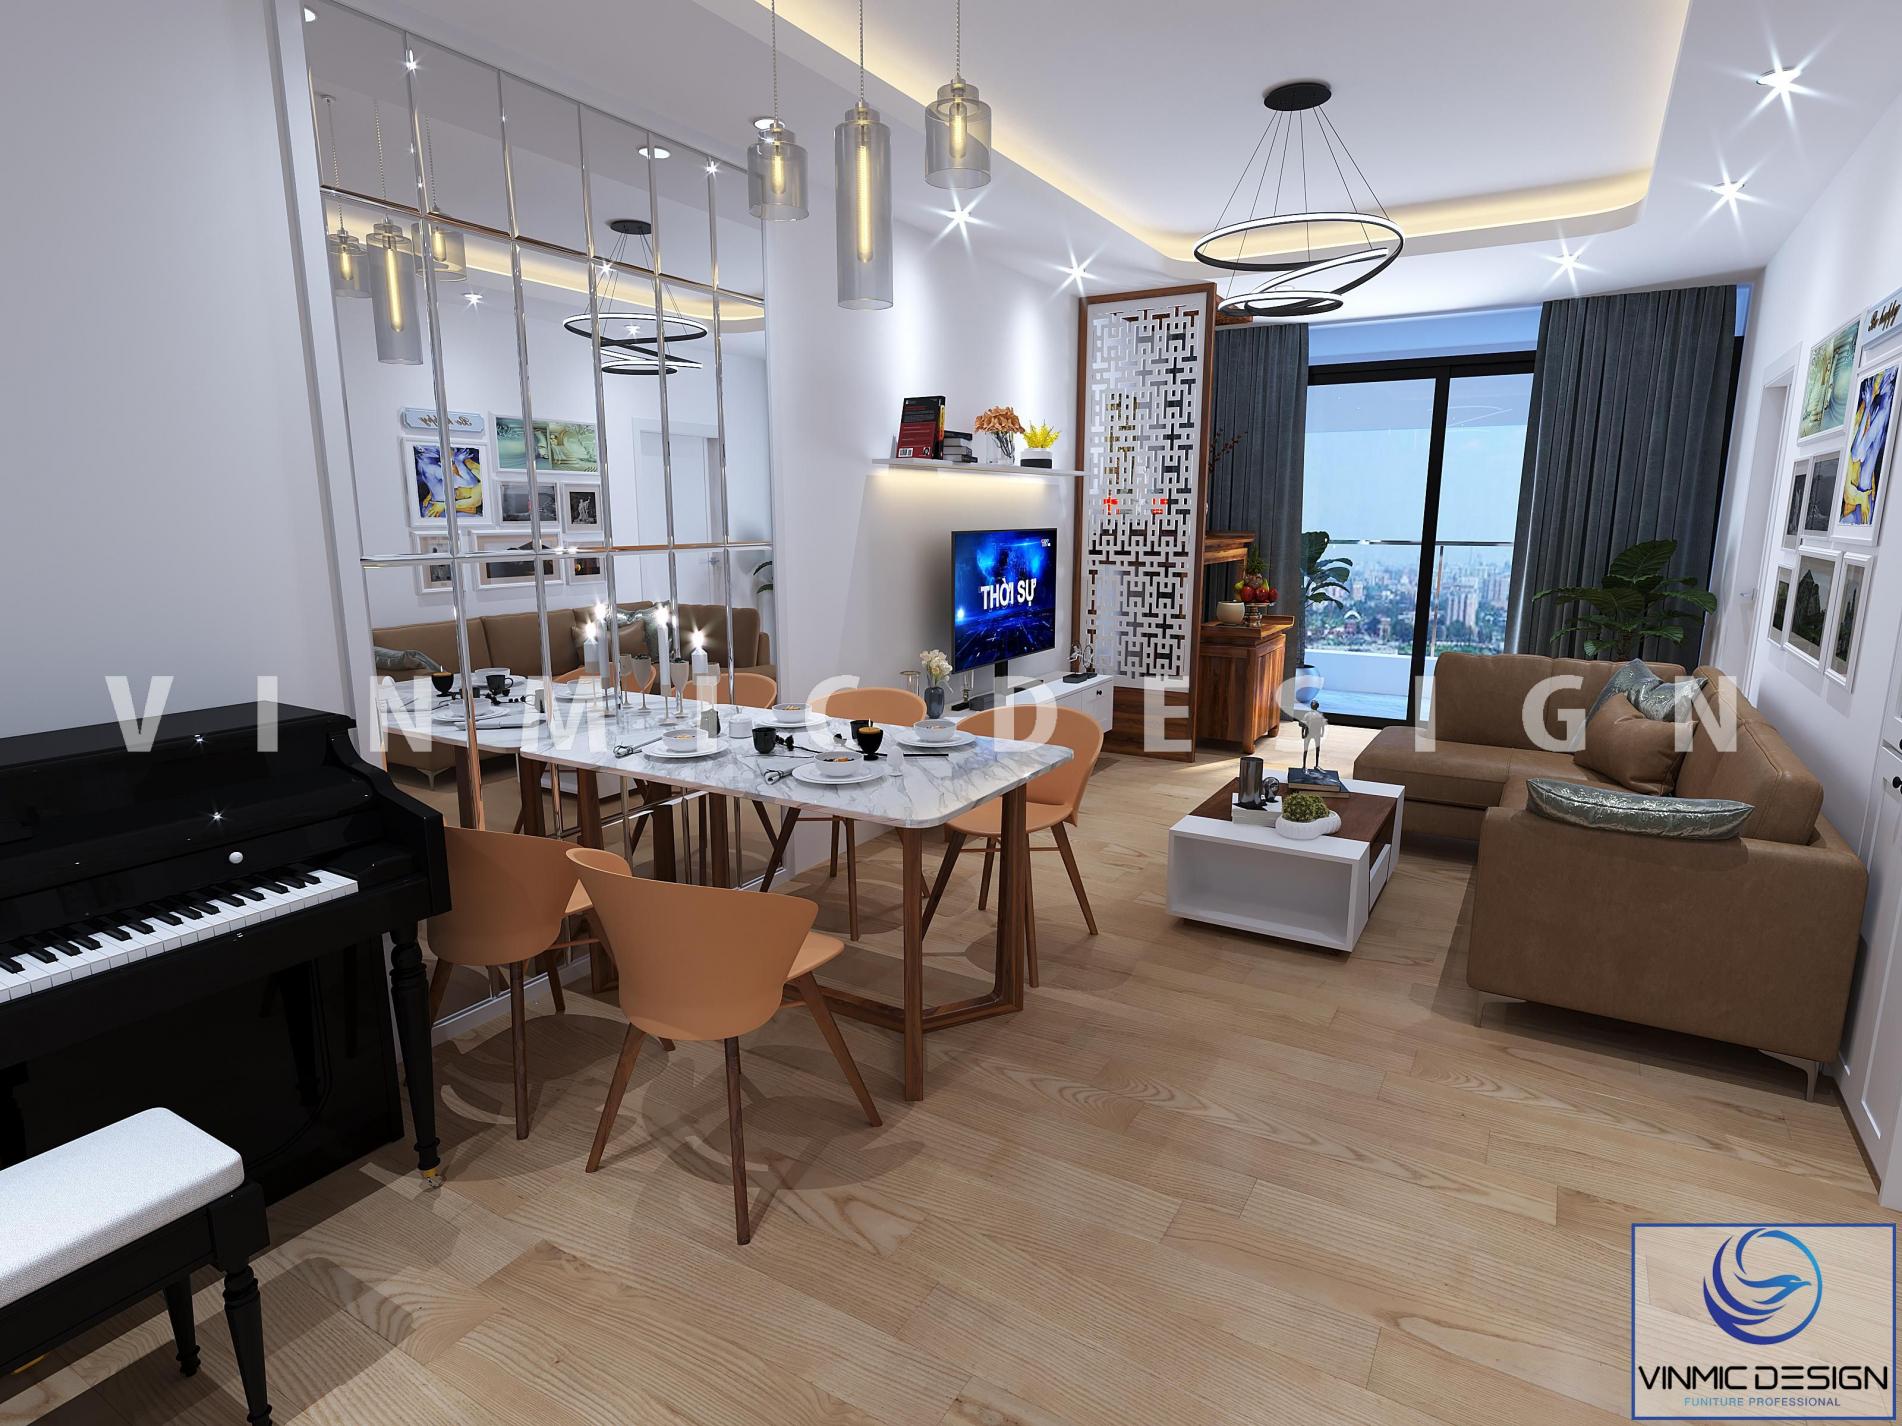 Thiết kế nội thất phòng khách - bếp cho căn hộ có diện tích nhỏ